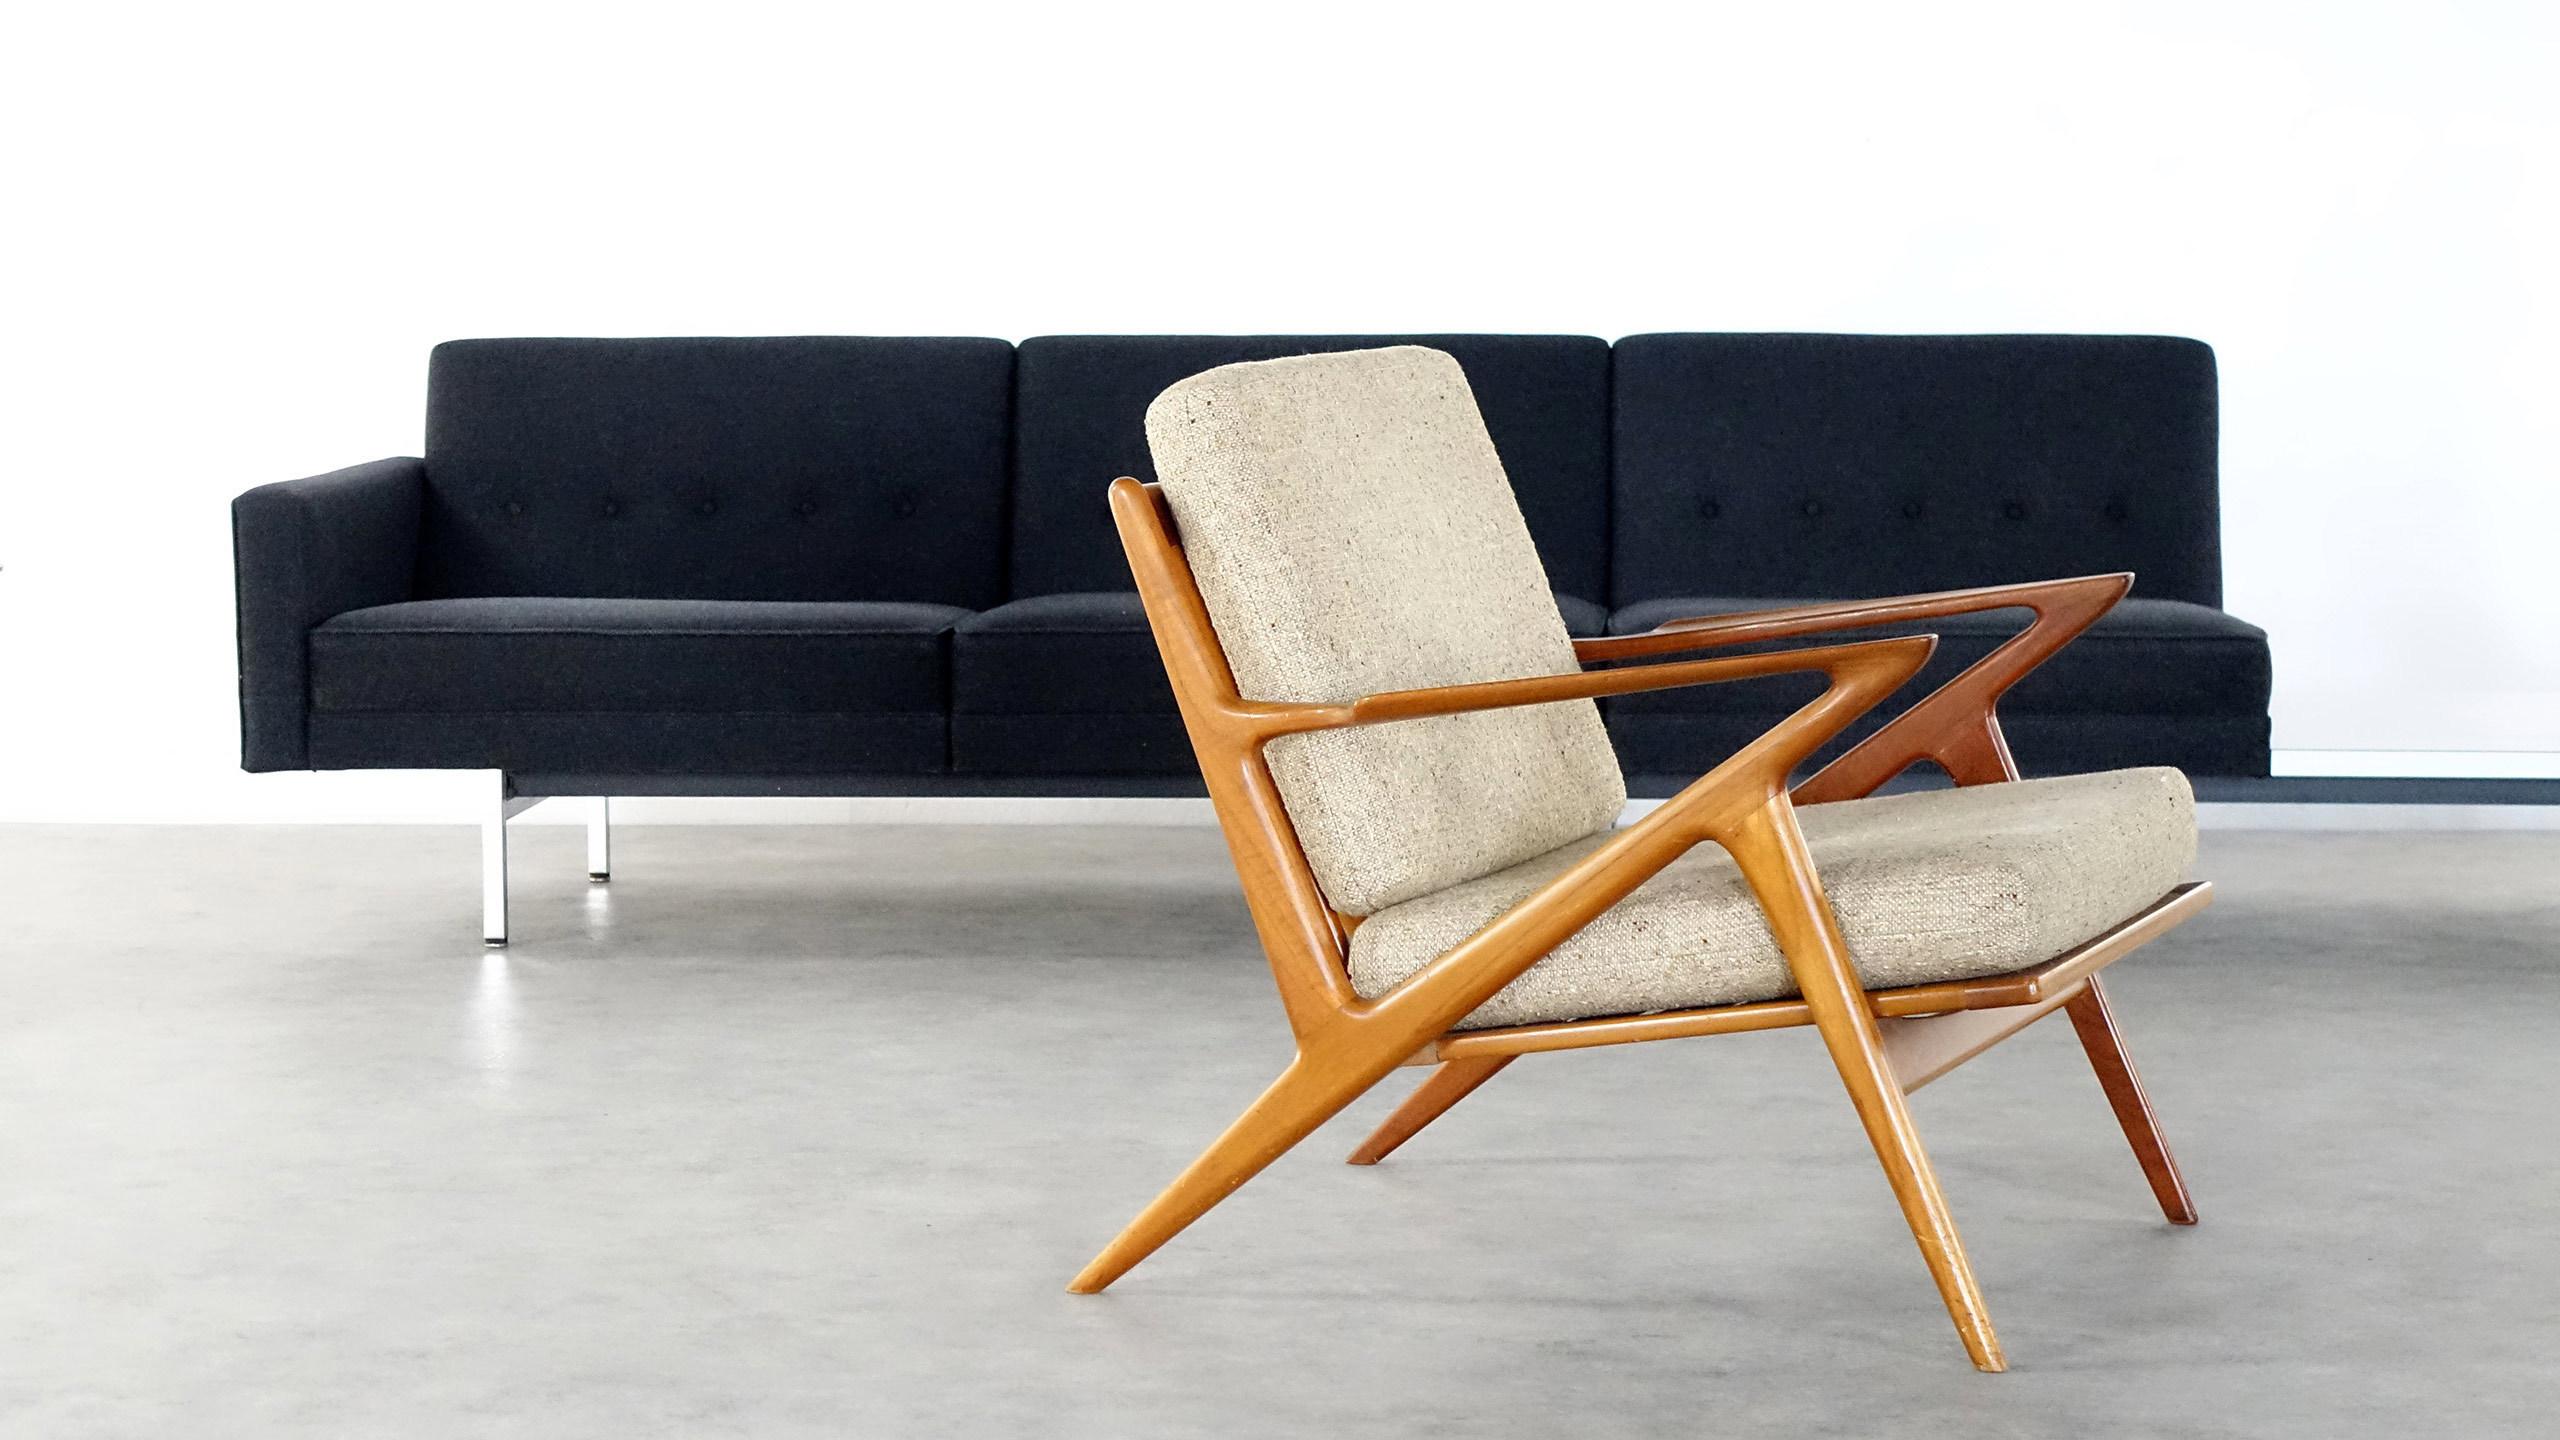 Dimensions W 29 92 Inch H 31 10 D 33 46 76 Cm 79 85 Designer Poul Jensen Manufacturer Haslev Denmark 2600